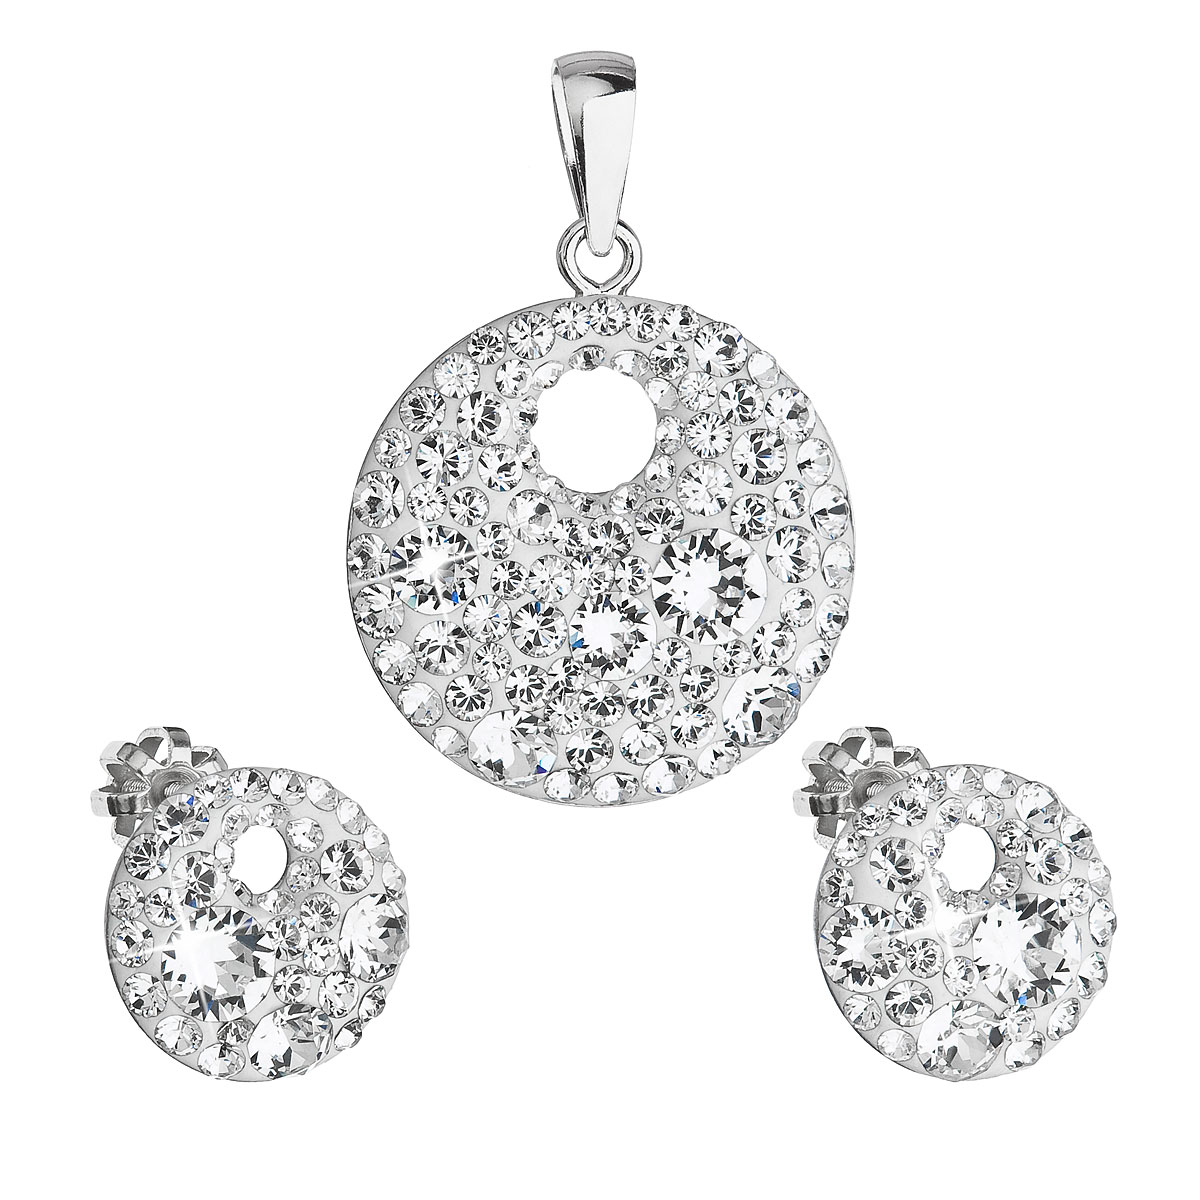 Sada šperkov s krištáľmi Swarovski náušnice a prívesok biele okrúhle 39148.1